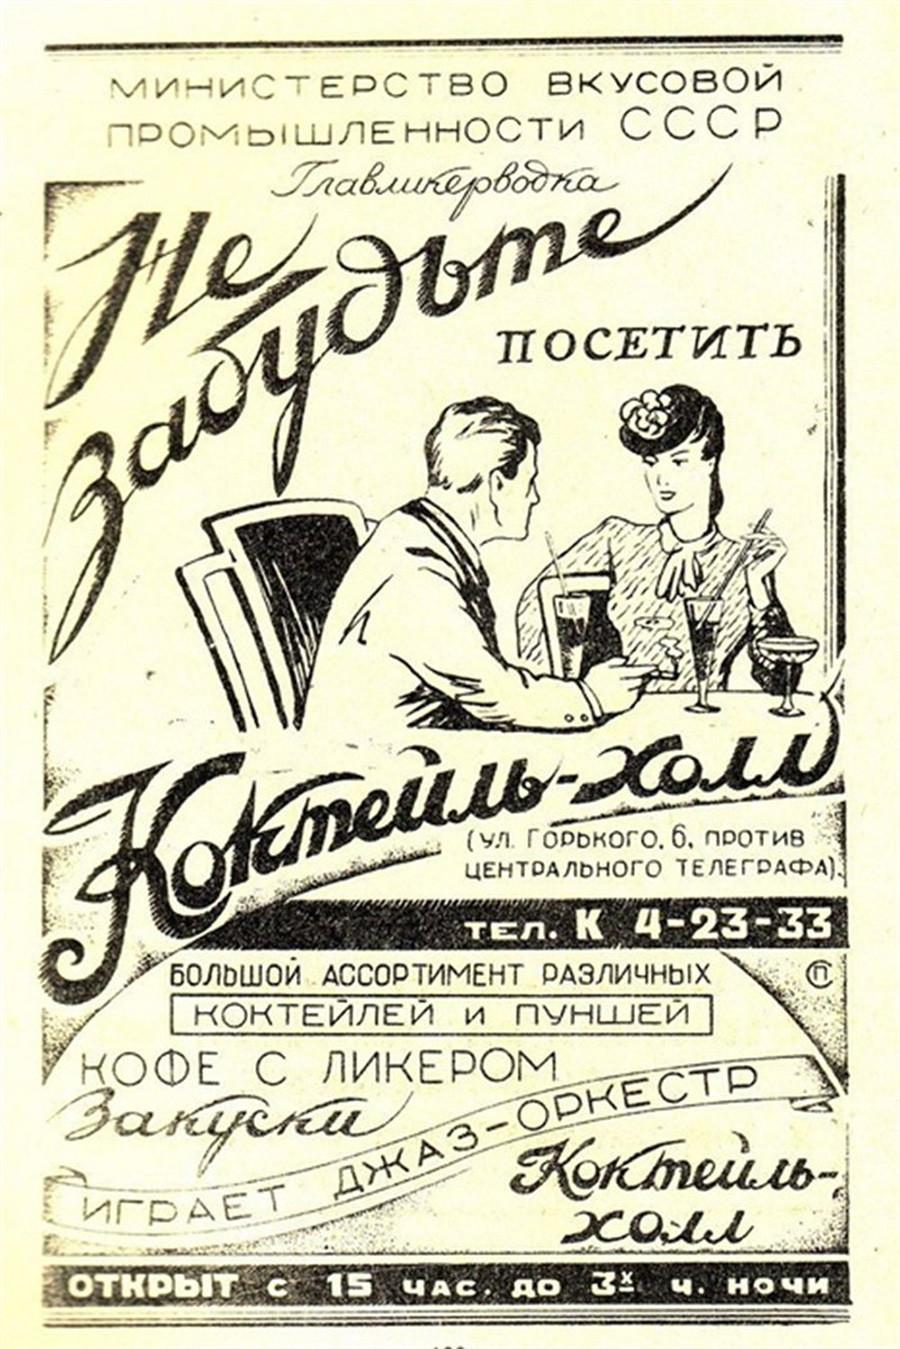 「カクテルホール」の広告